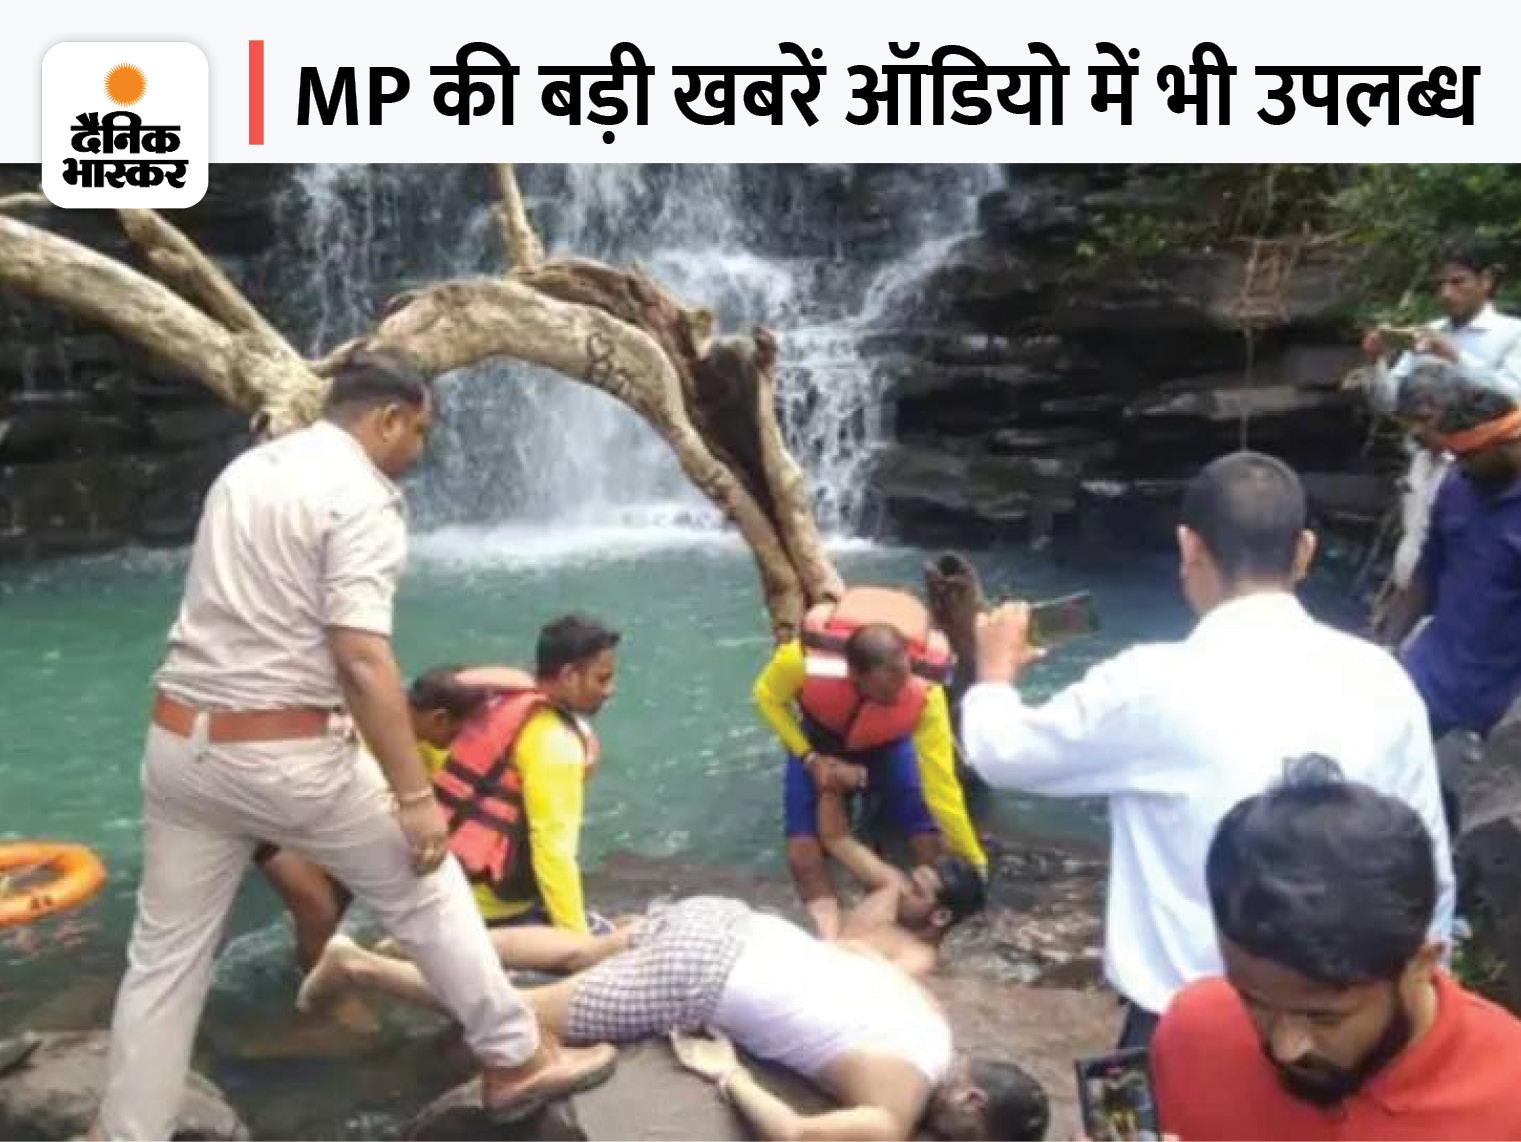 विदिशा में भोपाल के 3 युवक डूबे; ग्वालियर में खजाने के लालच में खोदा मंदिर, जबलपुर में डेंगू से महिला कॉन्स्टेबल की मौत|भोपाल,Bhopal - Dainik Bhaskar